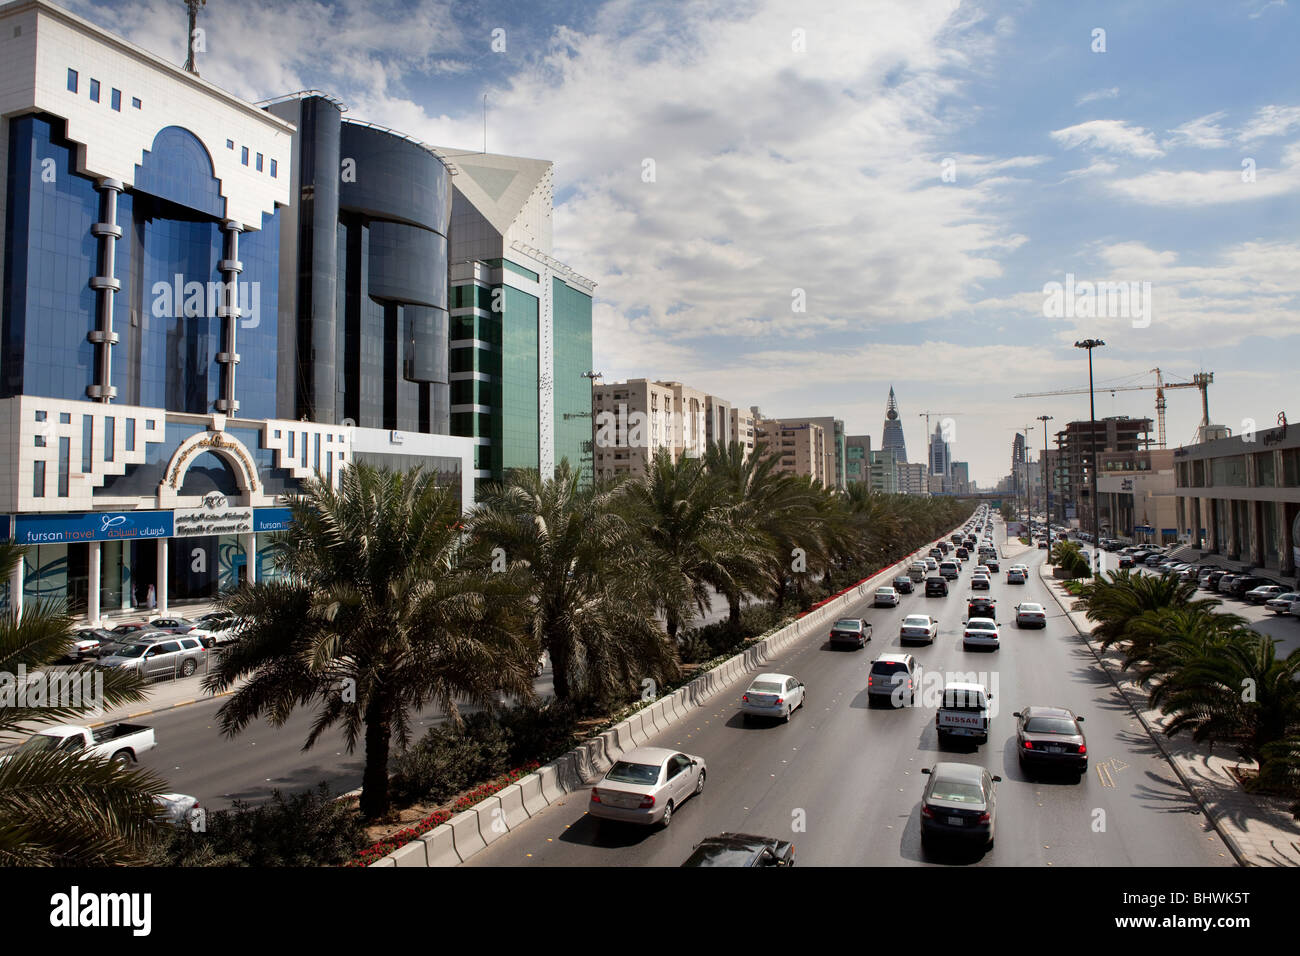 El tráfico en la concurrida calle Riad, Arabia Saudita Imagen De Stock